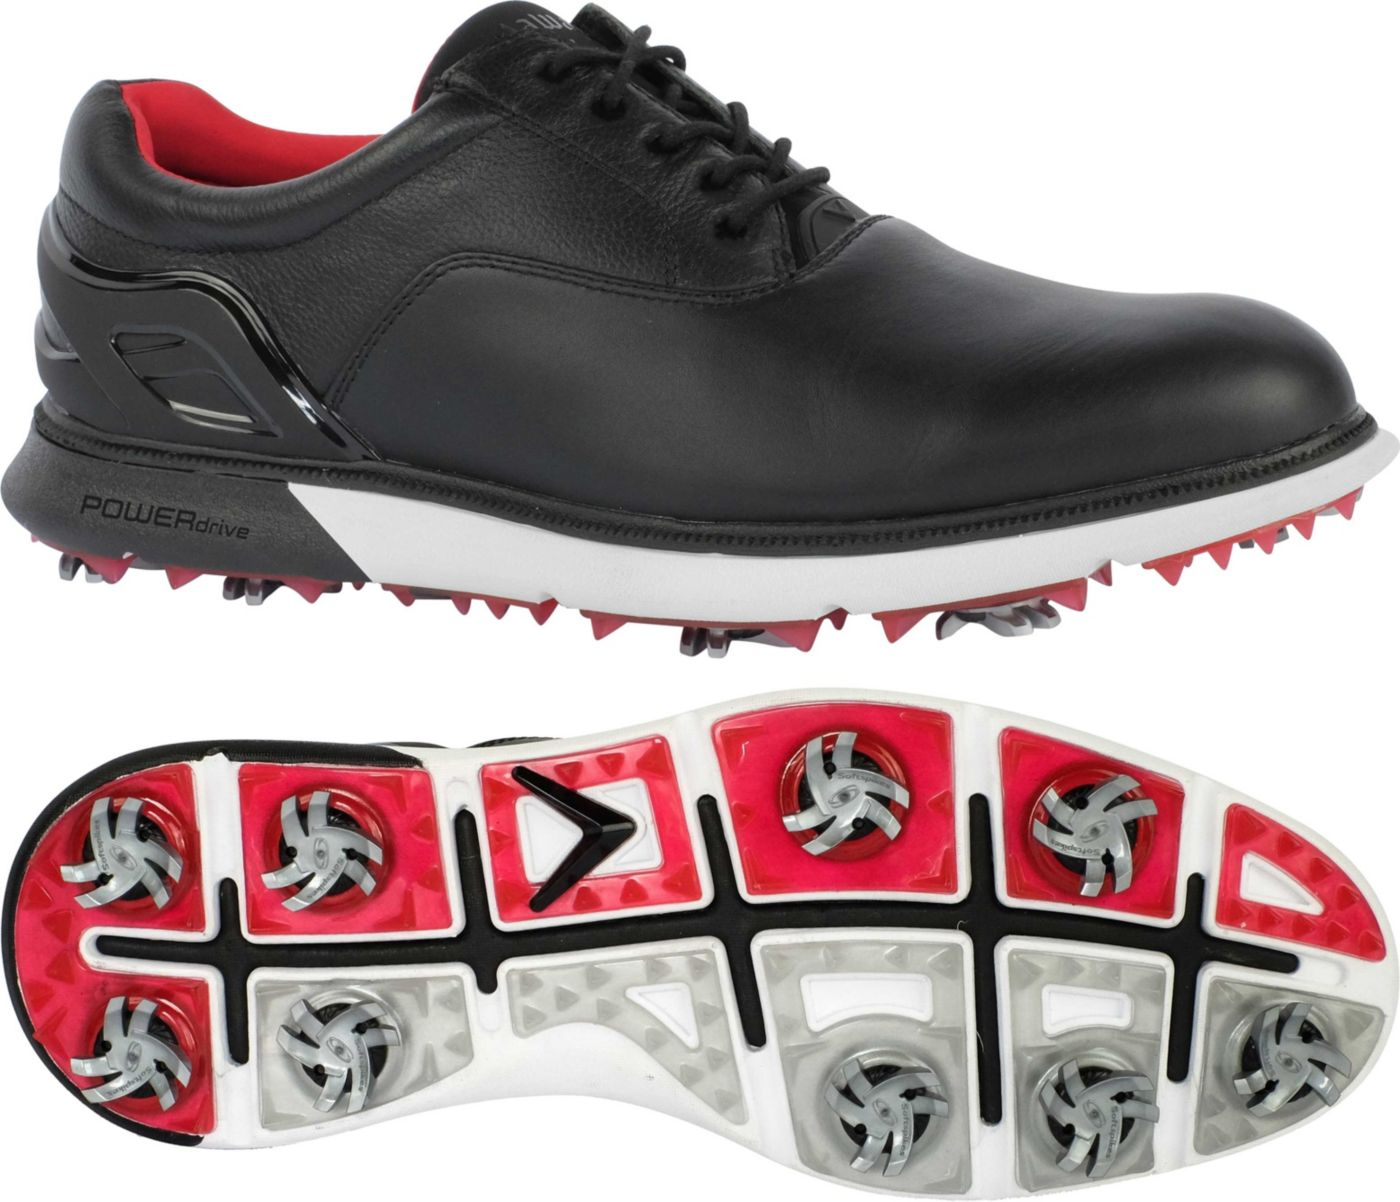 Callaway Men's LaGrange Shoes